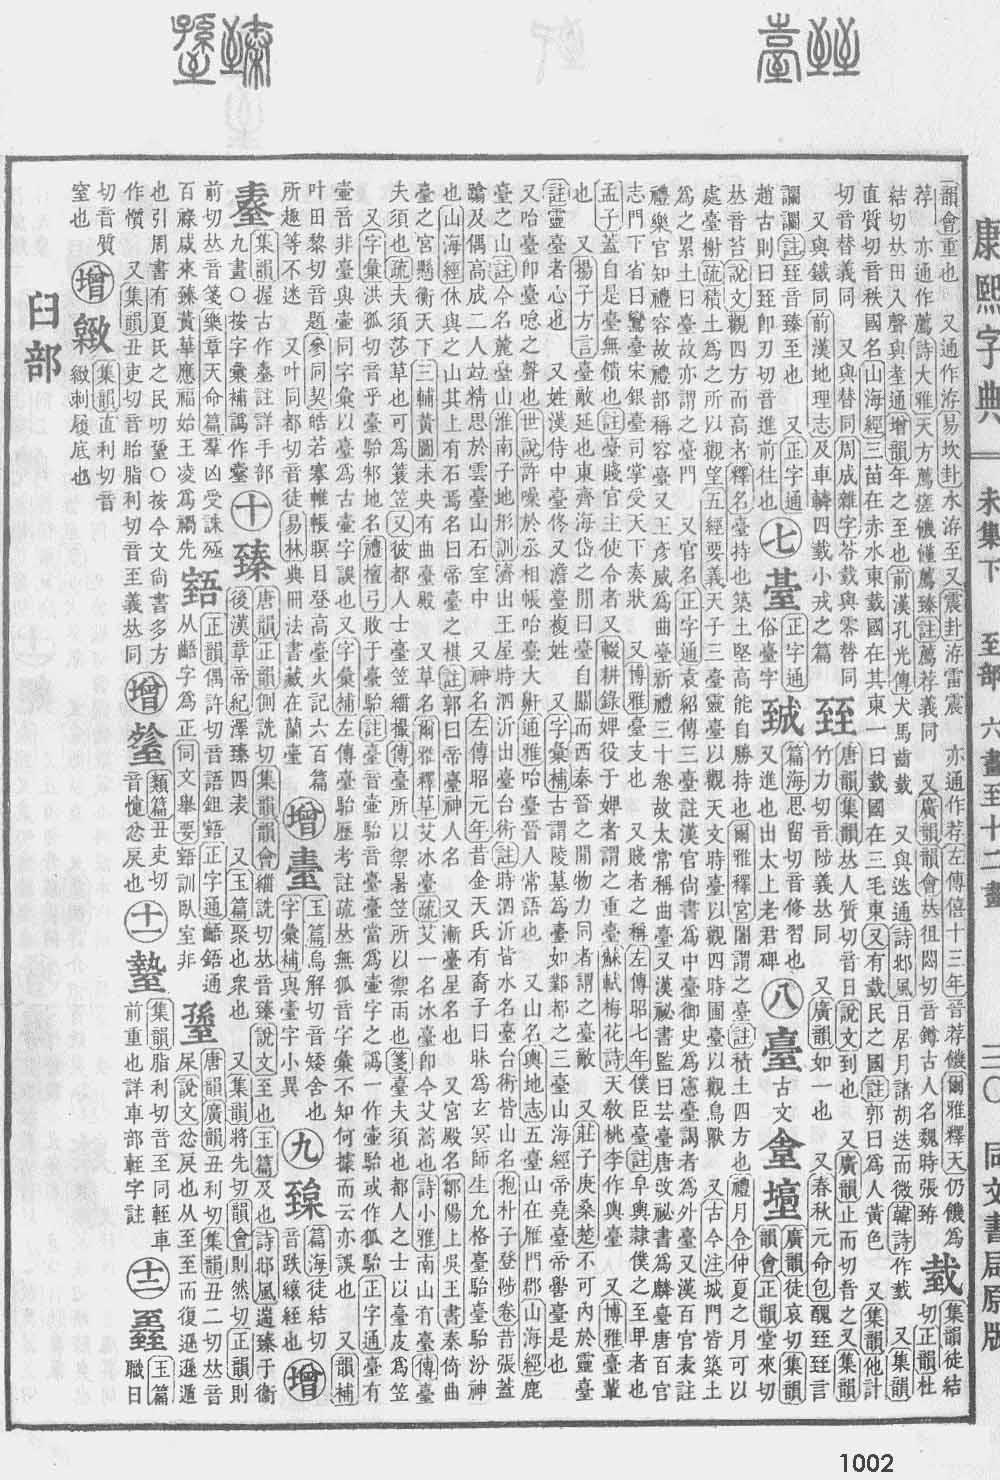 《康熙字典》第1002页